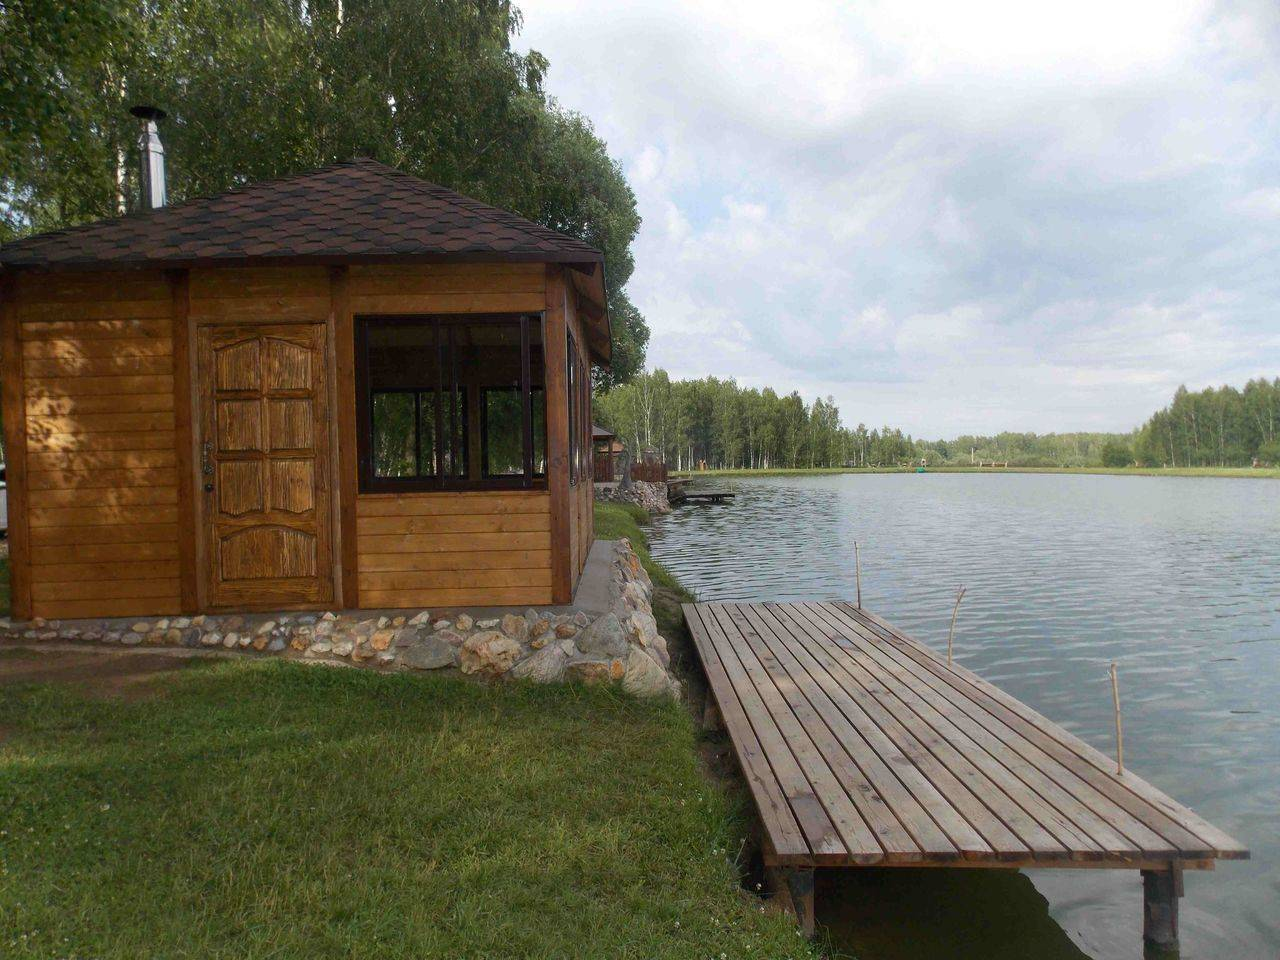 Лучшие базы отдыха в подмосковье: недорогие с отдельными домиками, с бассейном, с рыбалкой, с пляжем у воды, все включено